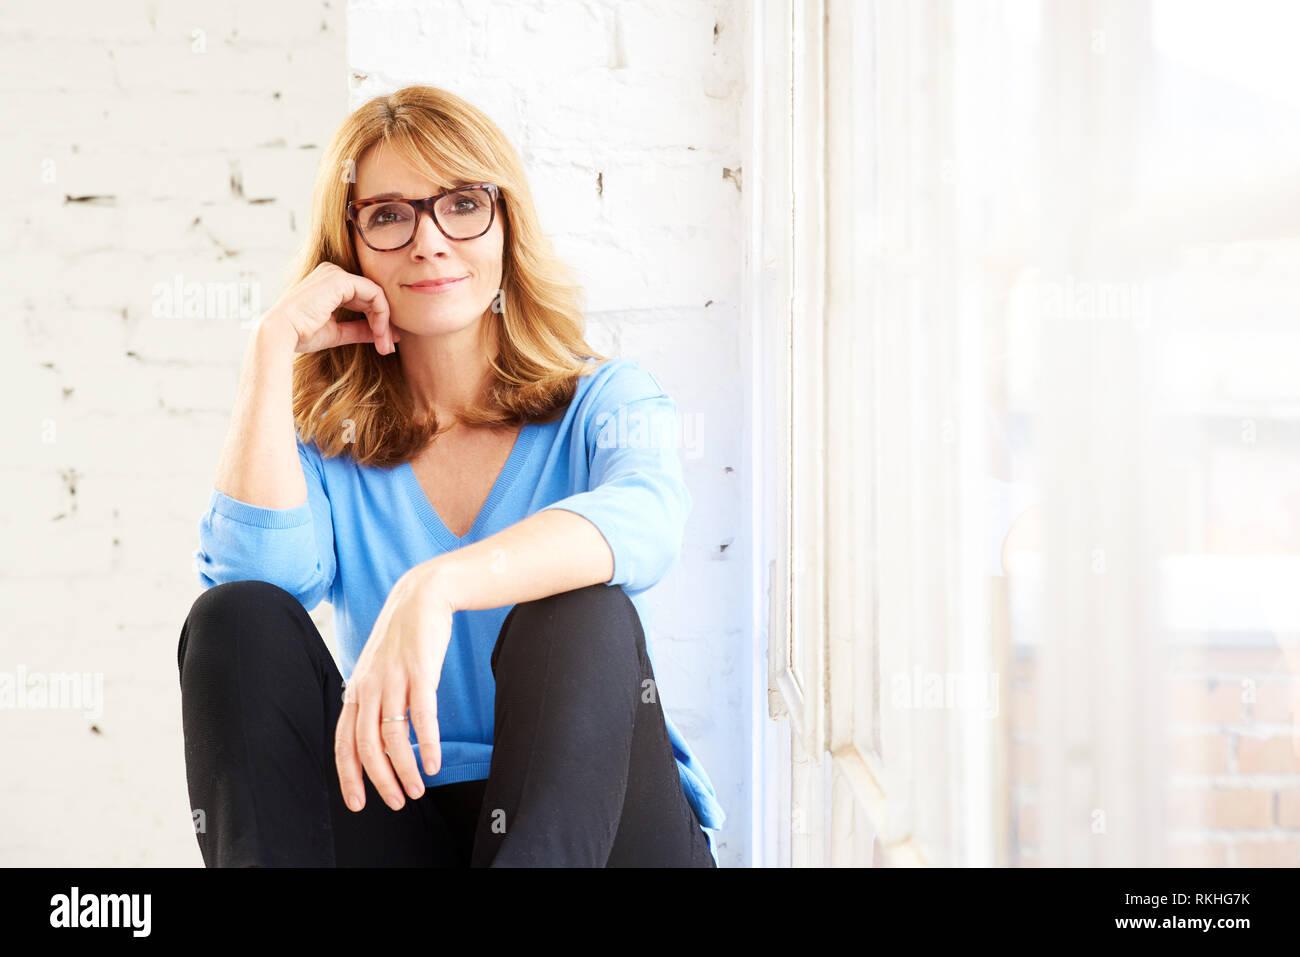 Ritratto di sorridere donna di mezza età rilassante mentre è seduto alla  finestra e guardando a 97a10d1384ba